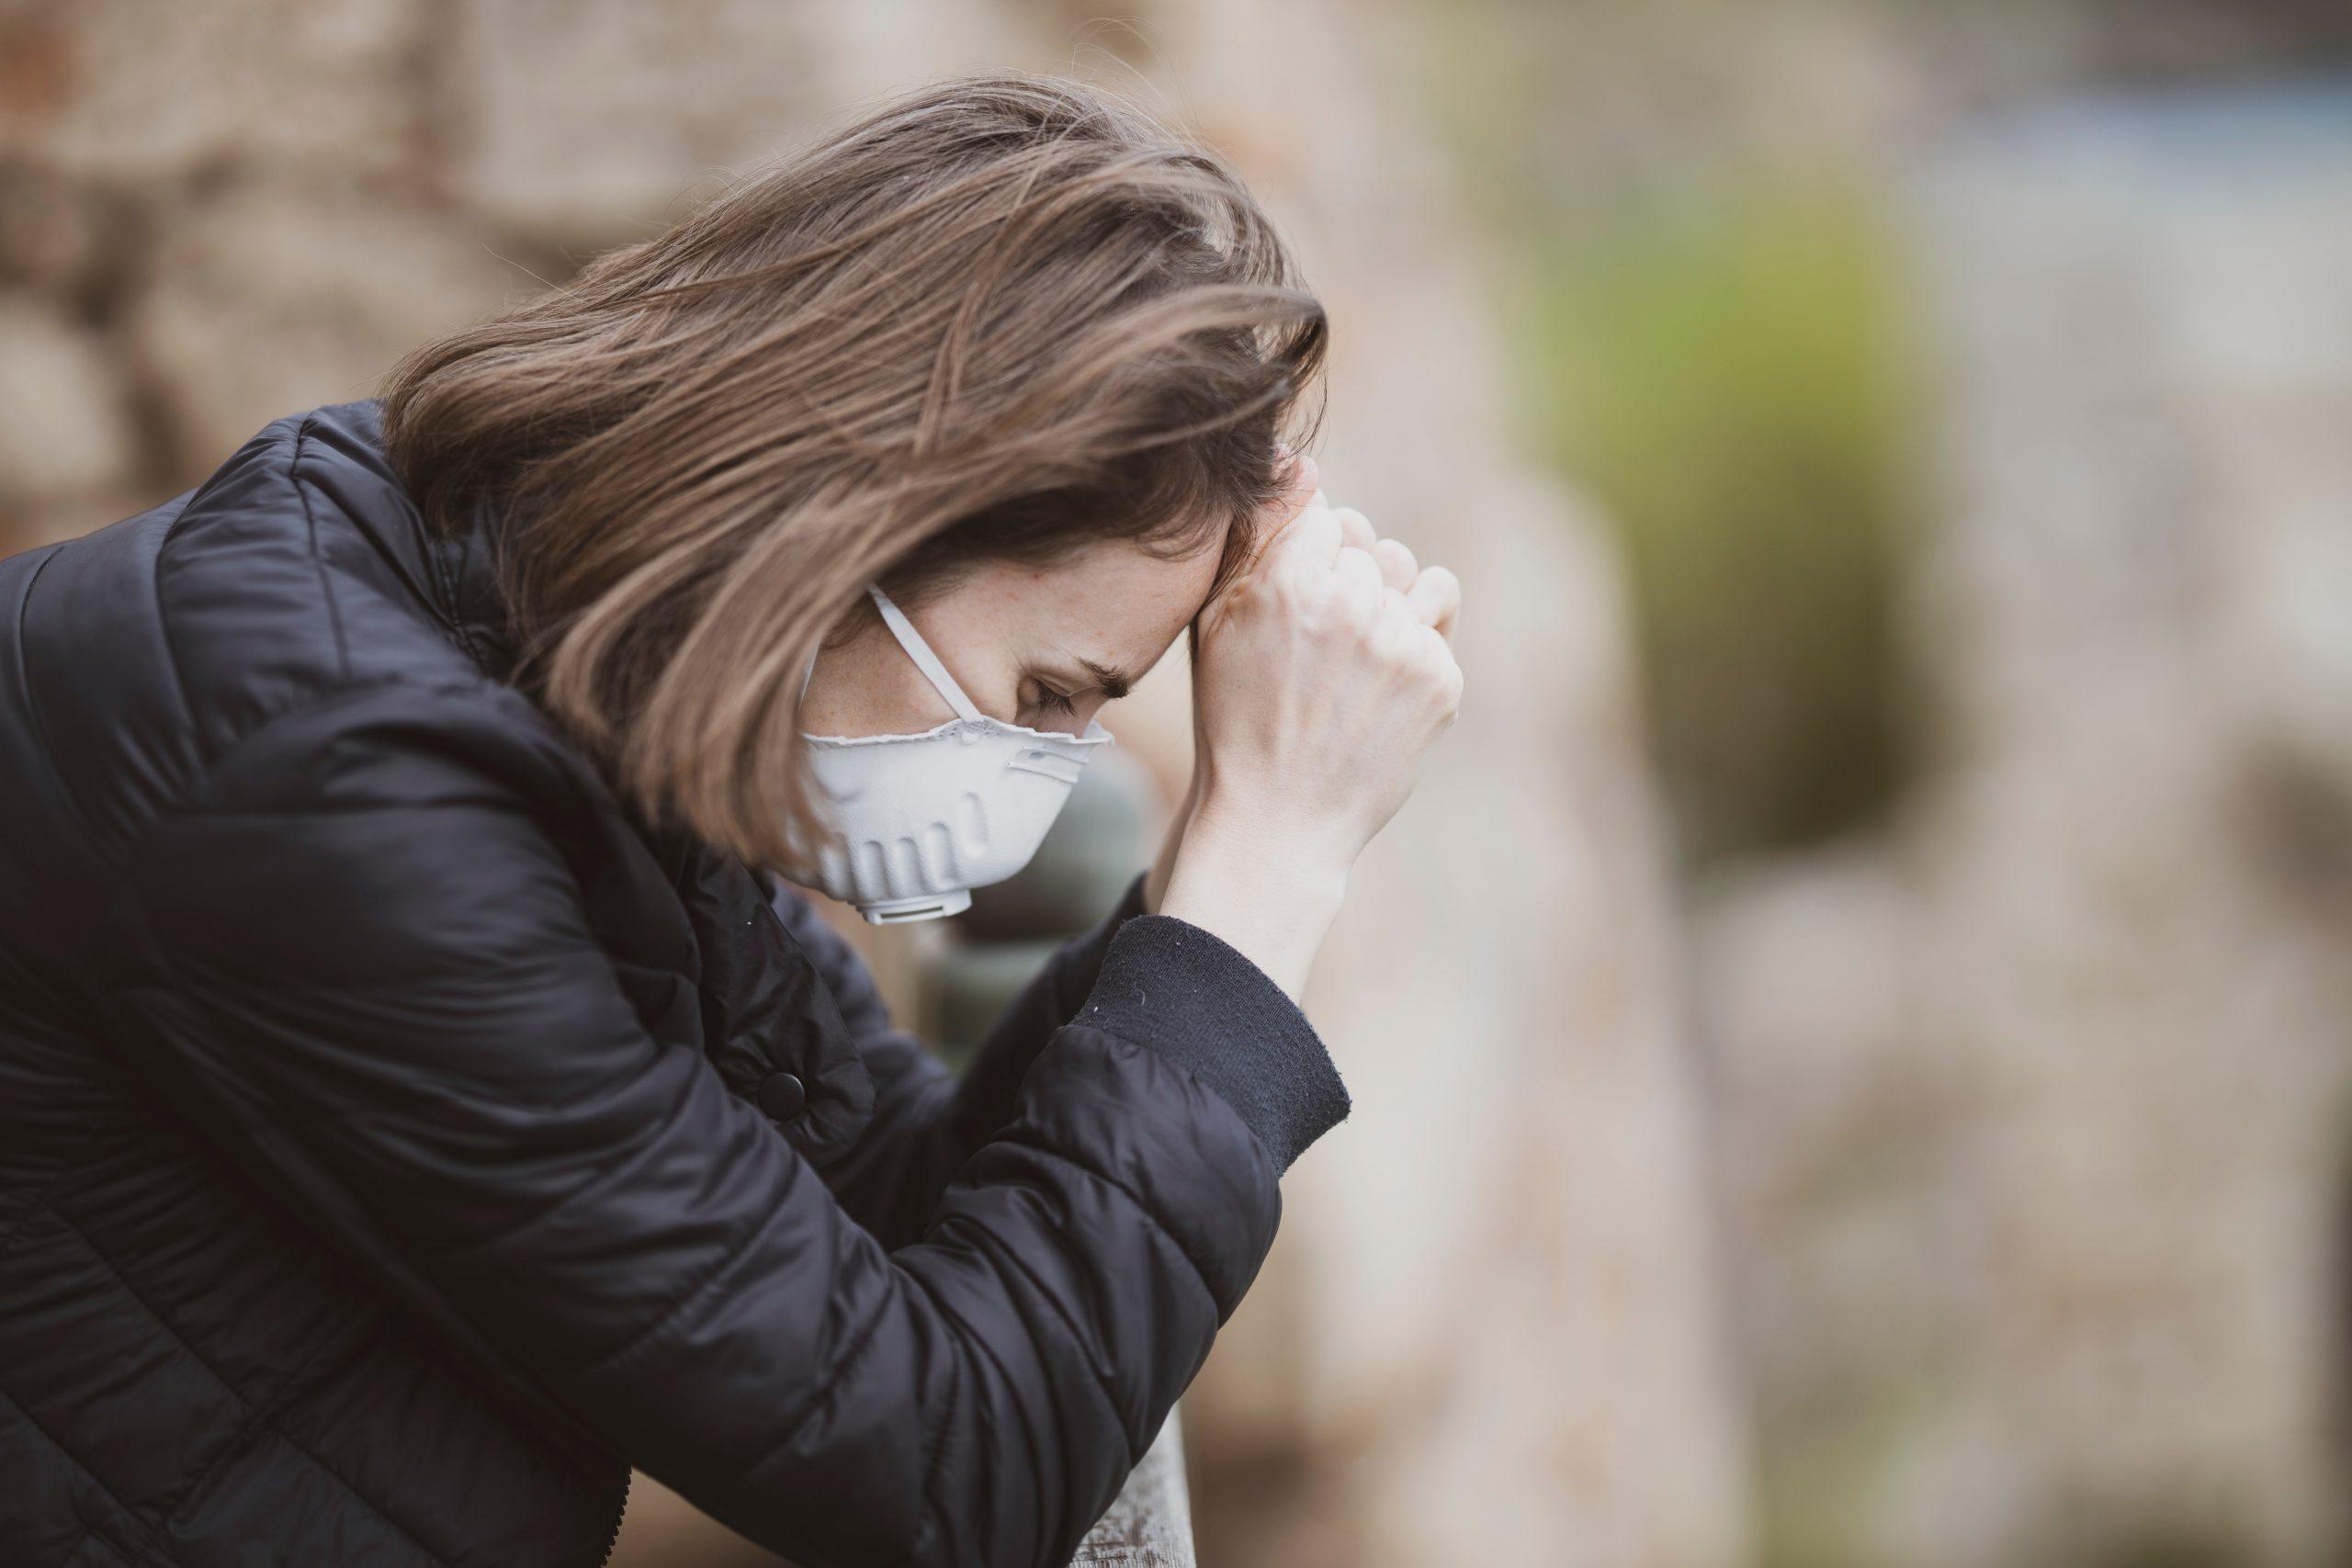 CBD coronavirus, Study: During coronavirus pandemic, American consumers turn to CBD for stress relief, wellness